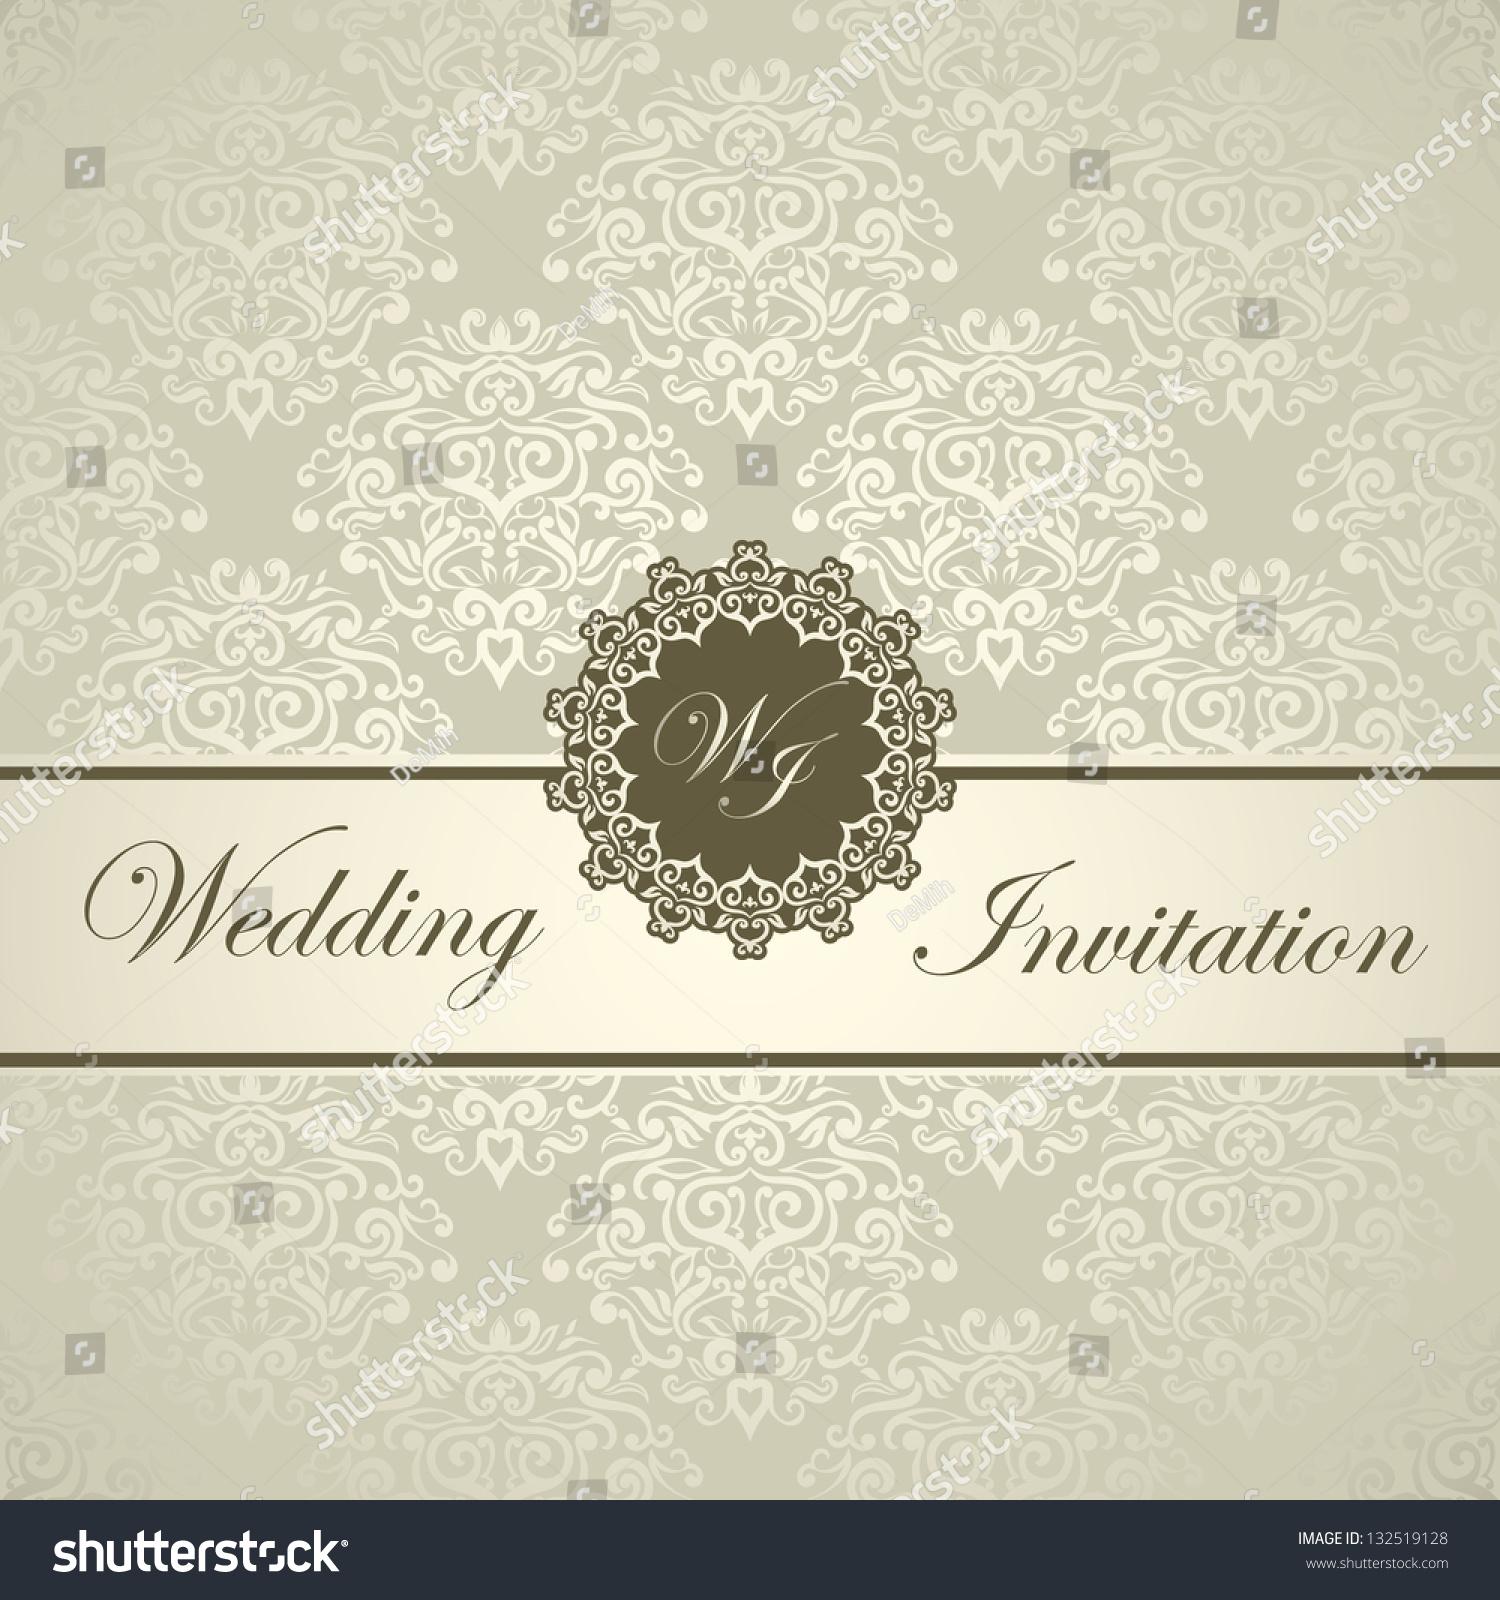 royal wedding card background hd